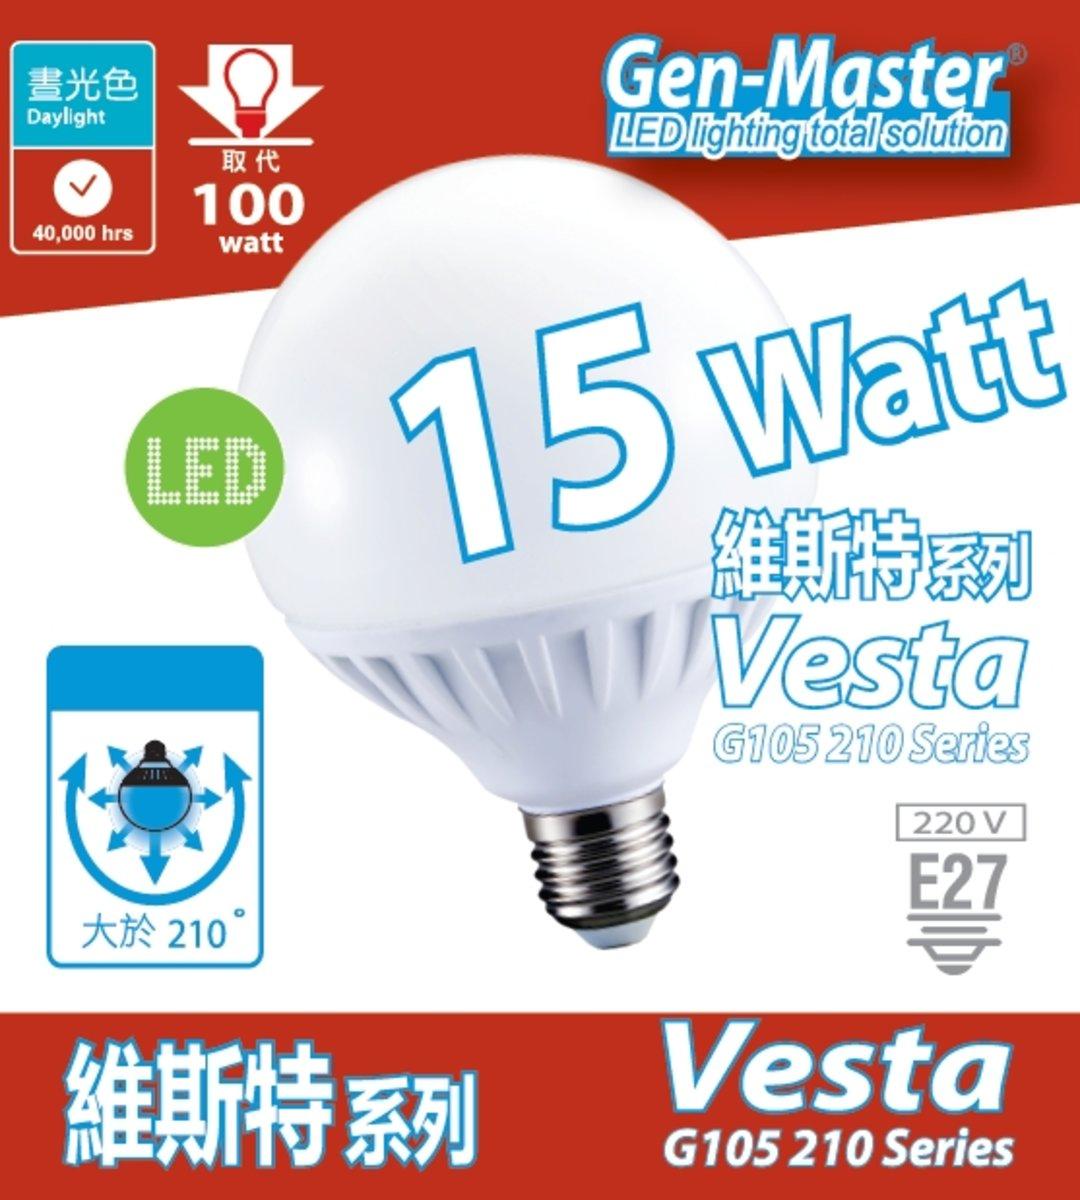 VESTA LED Bulb 15W Daylight 6000K E27